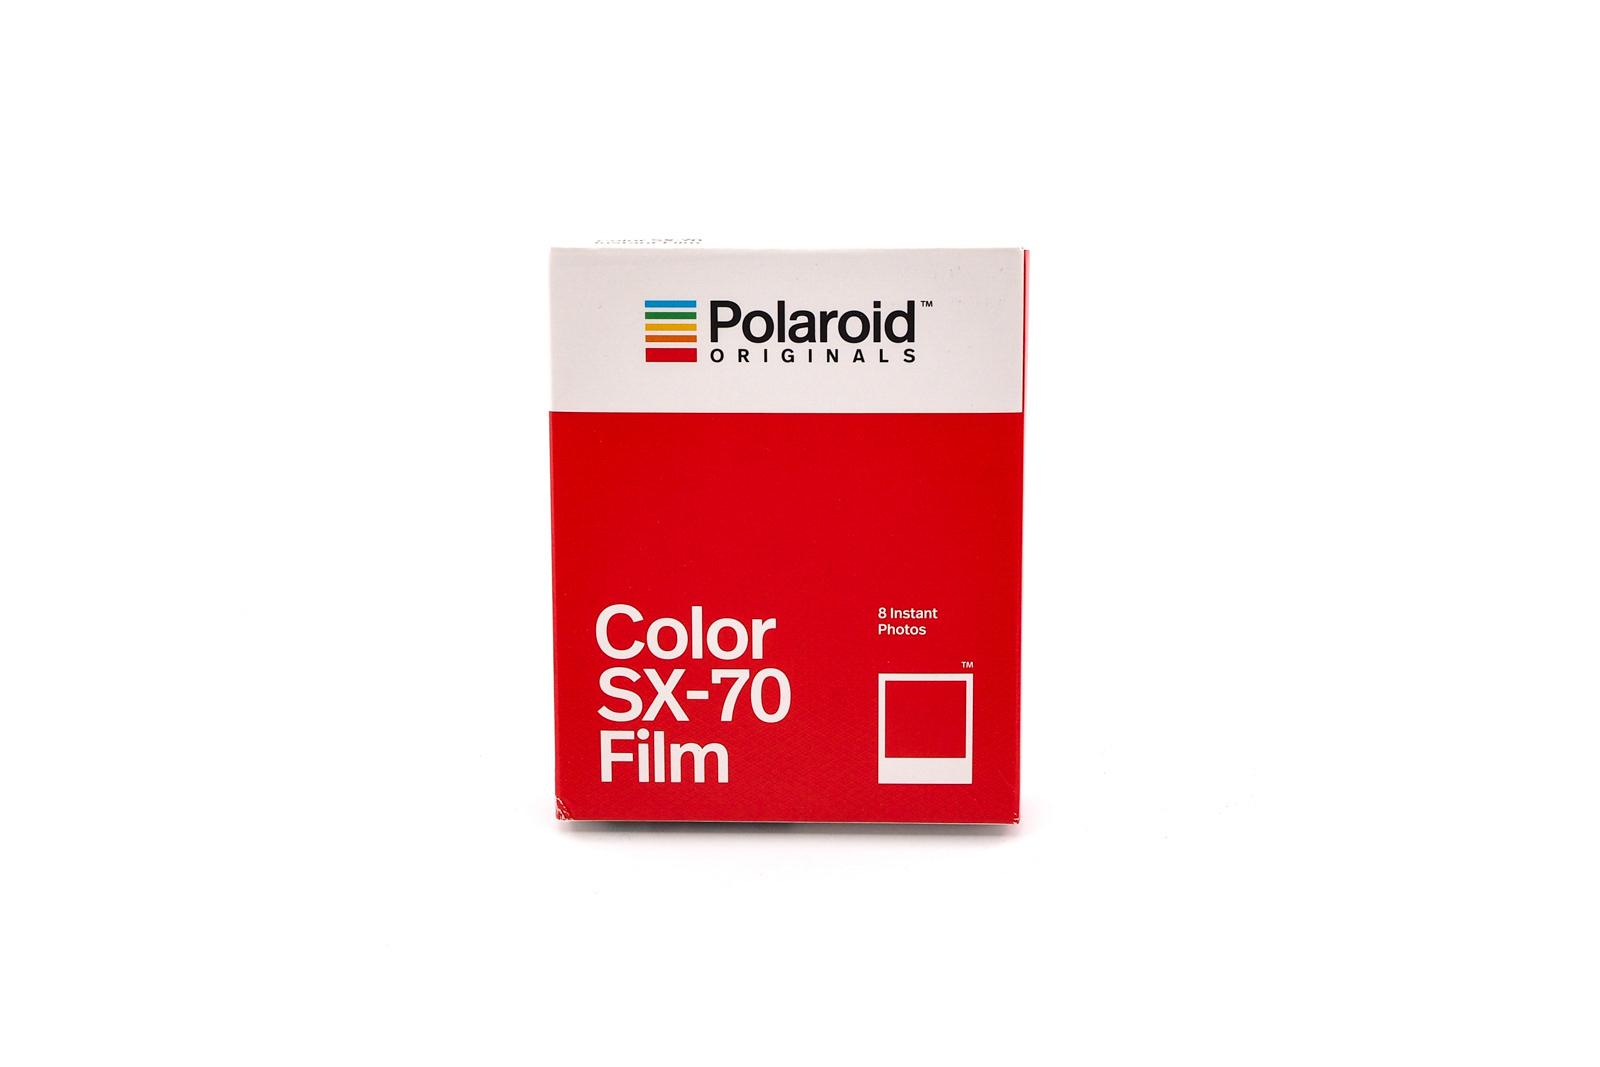 polaroid originals sx-70 farbe